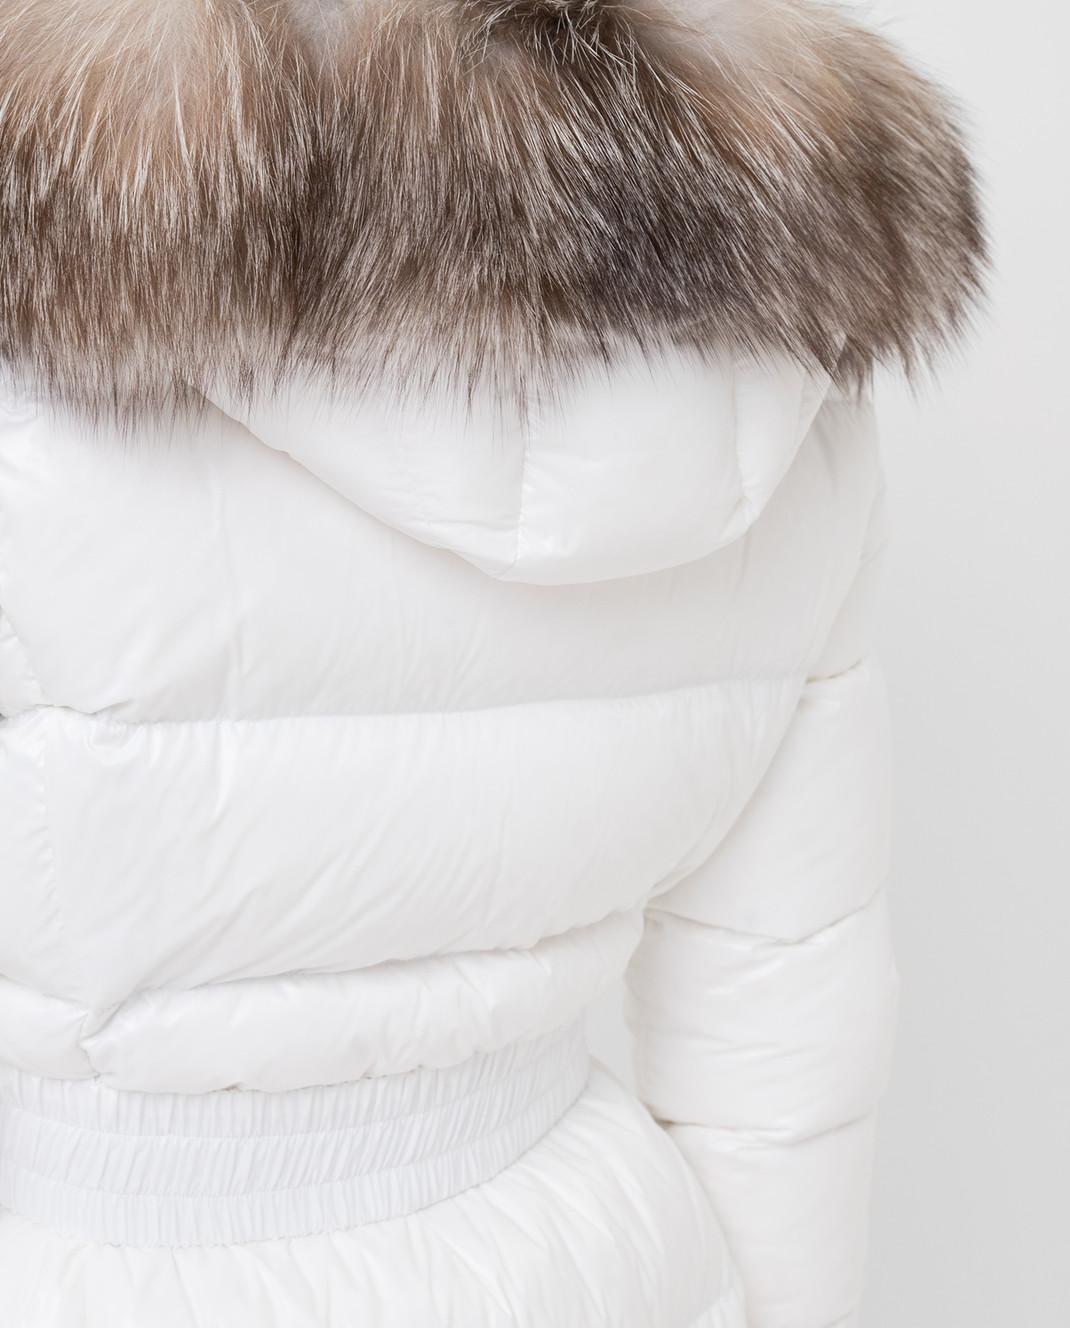 Moncler Белый пуховик с мехом лисы 4984525C0065 изображение 5